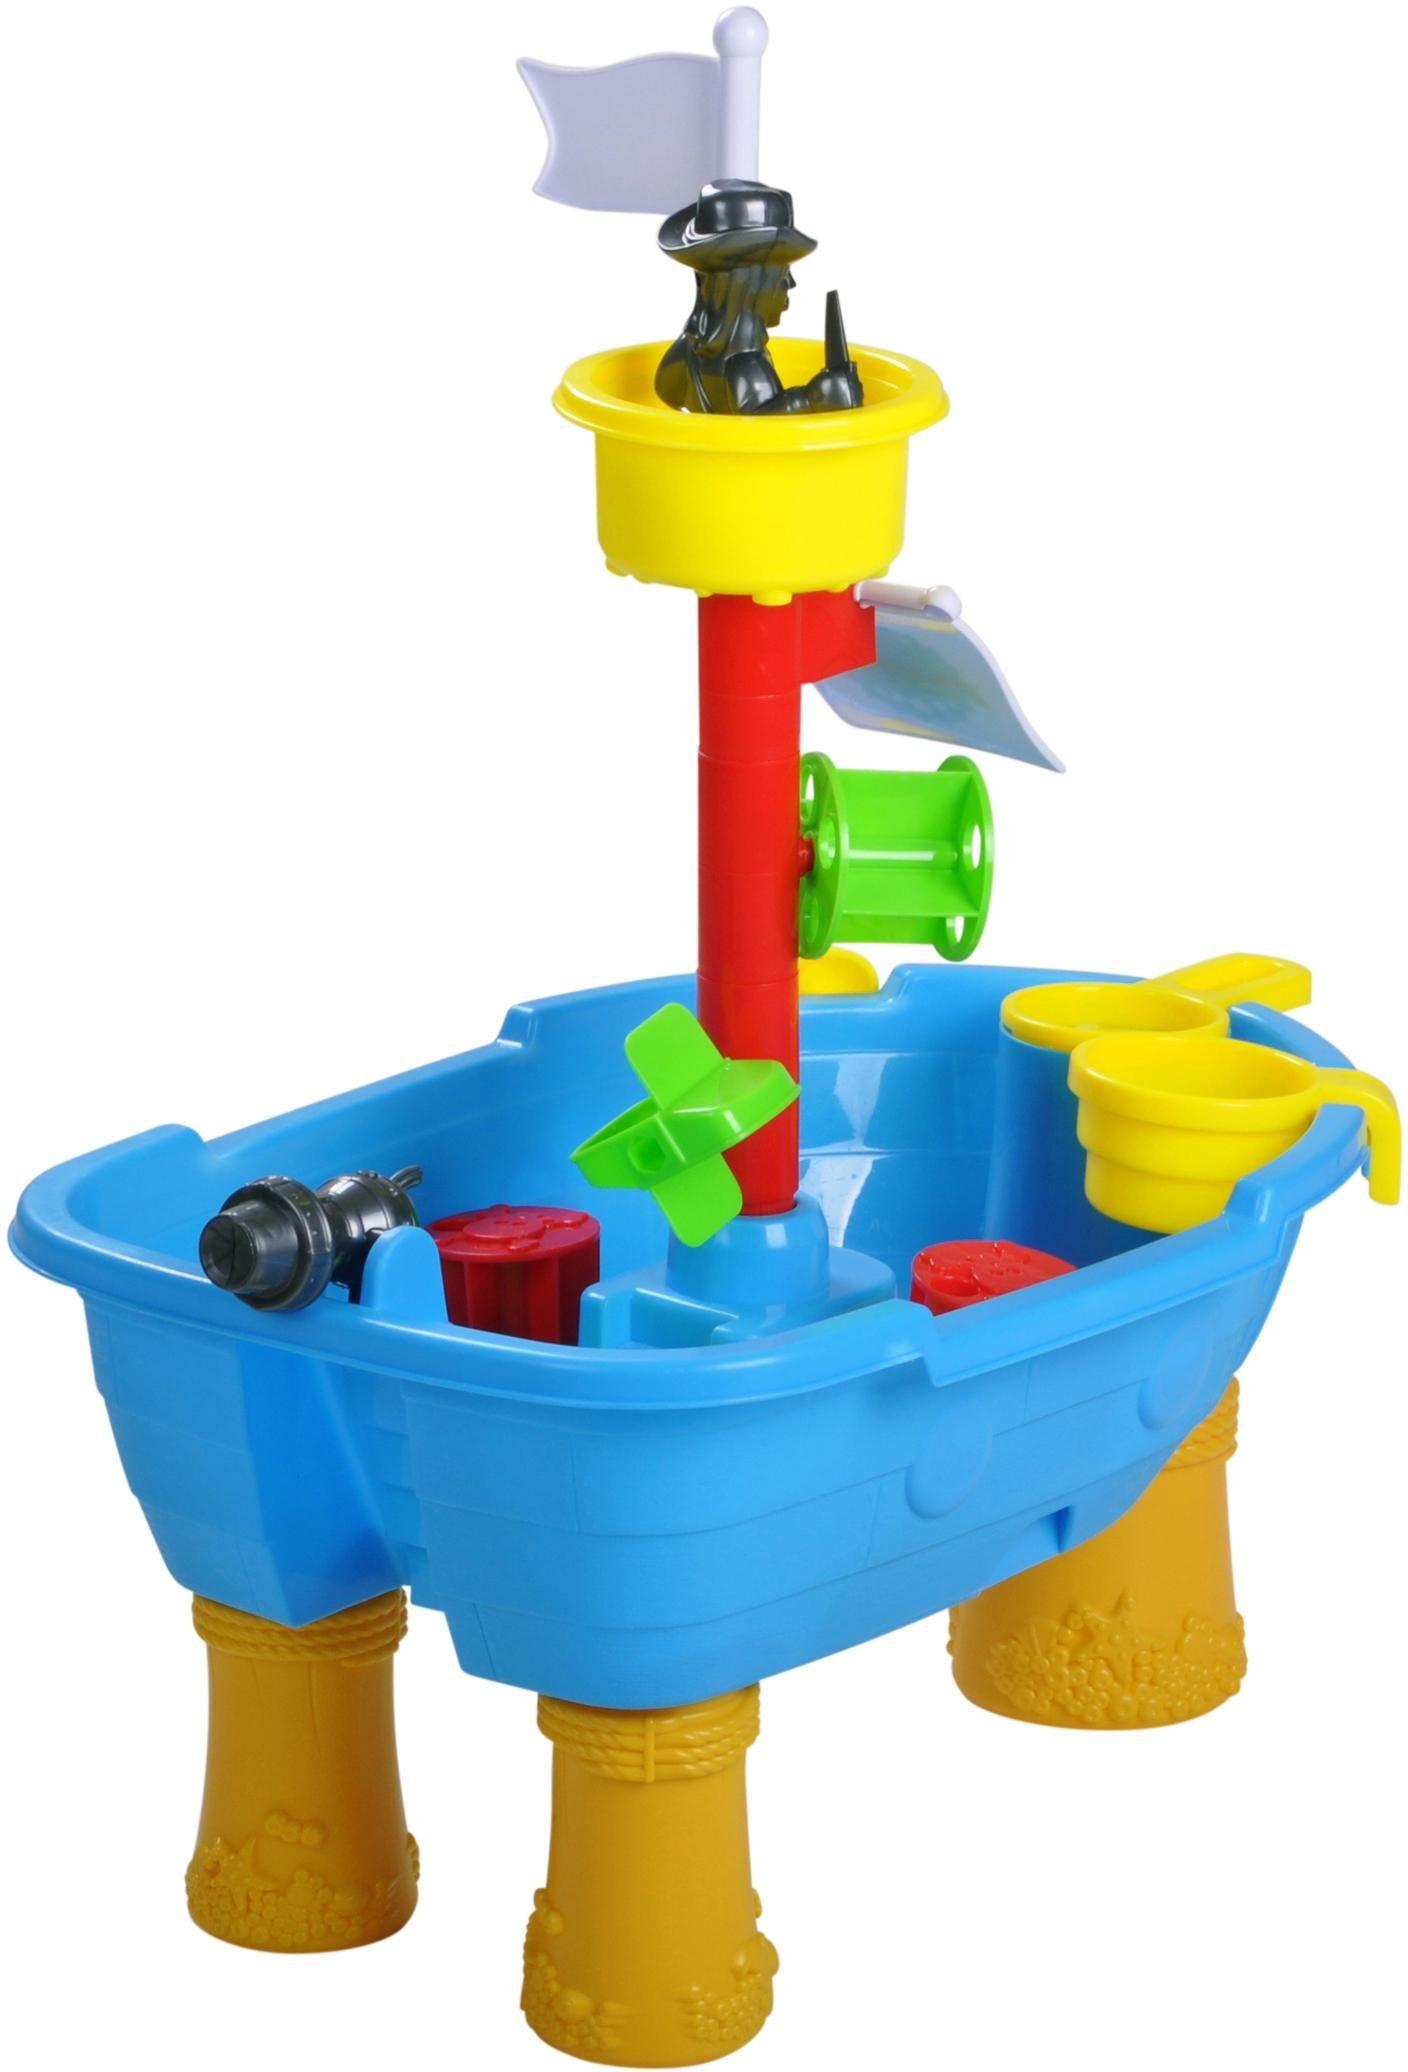 knorr toys Sandspielzeug, »Sandtisch Piratenschiff«